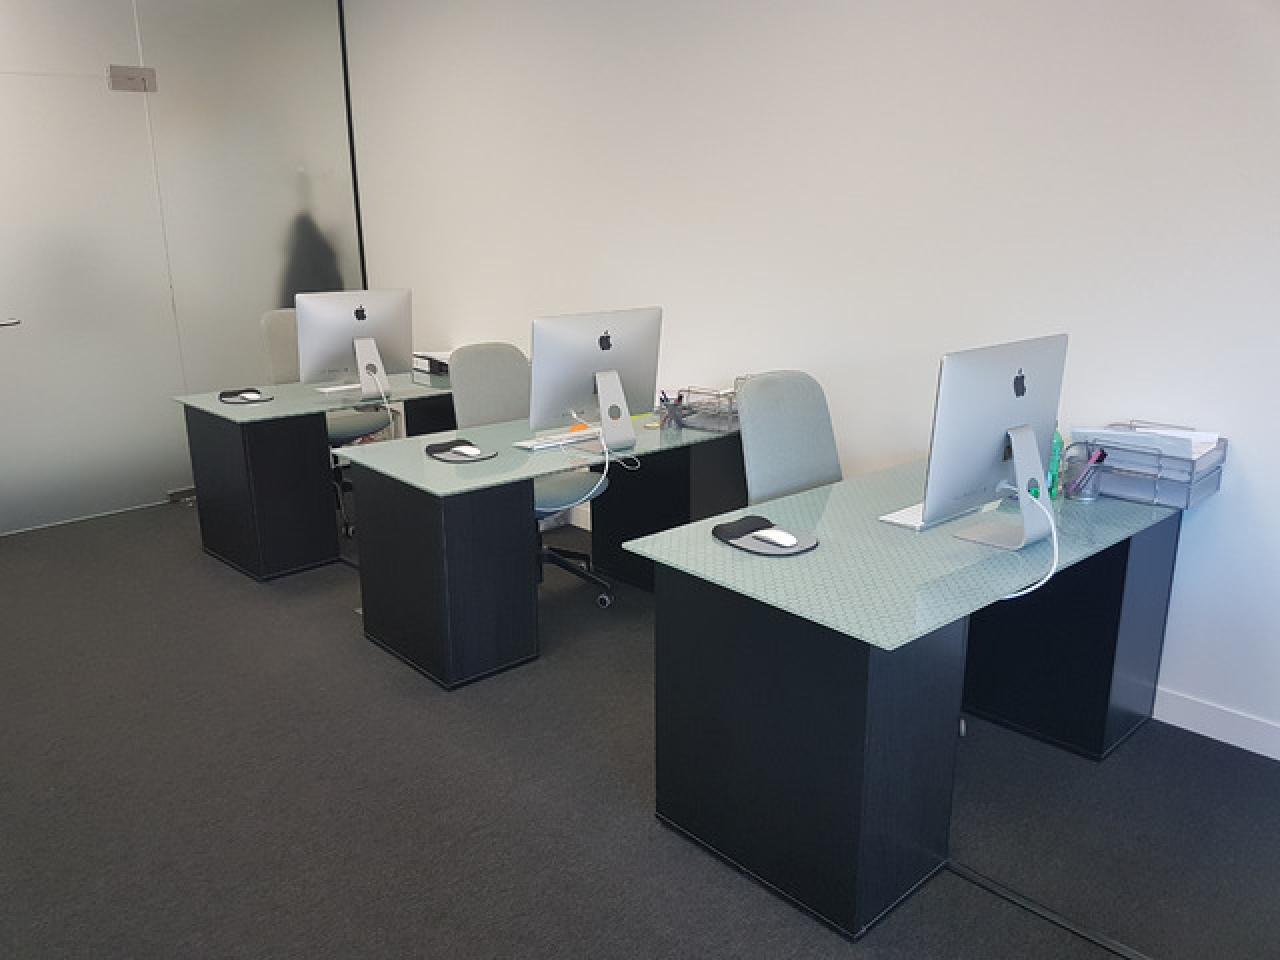 Сдается рабочее место или часть офиса с доступом в Meeting room - 5